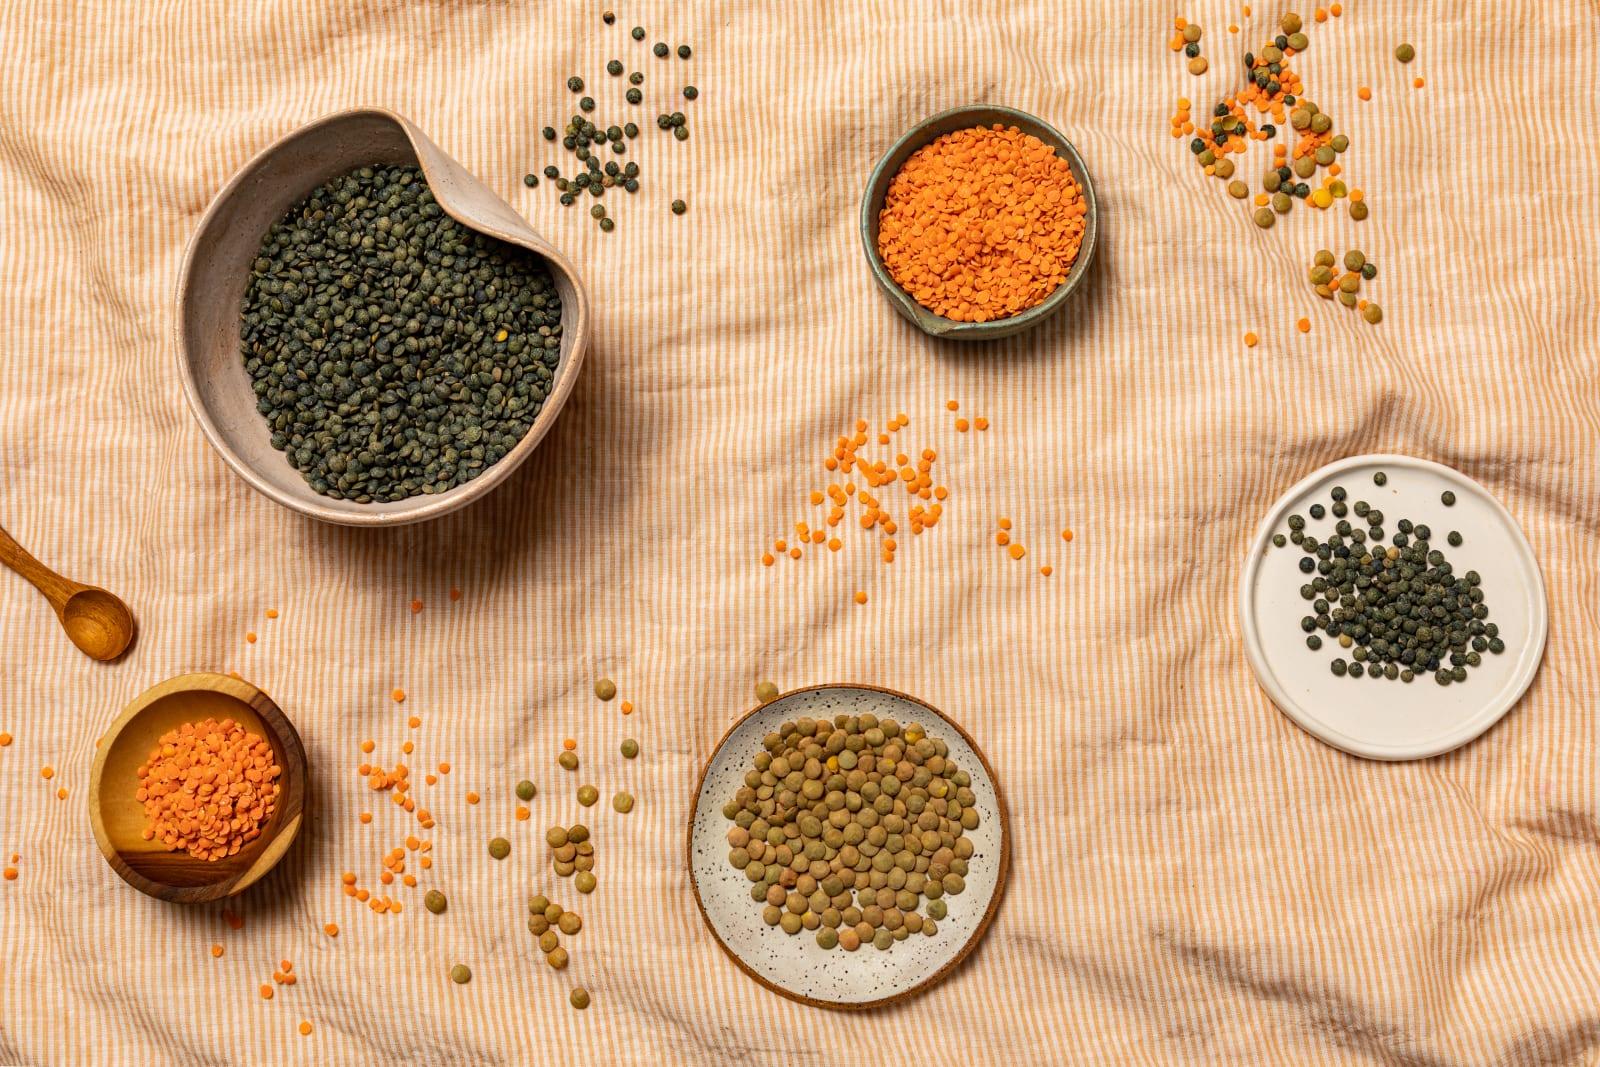 Yumi Lentils ingredients image